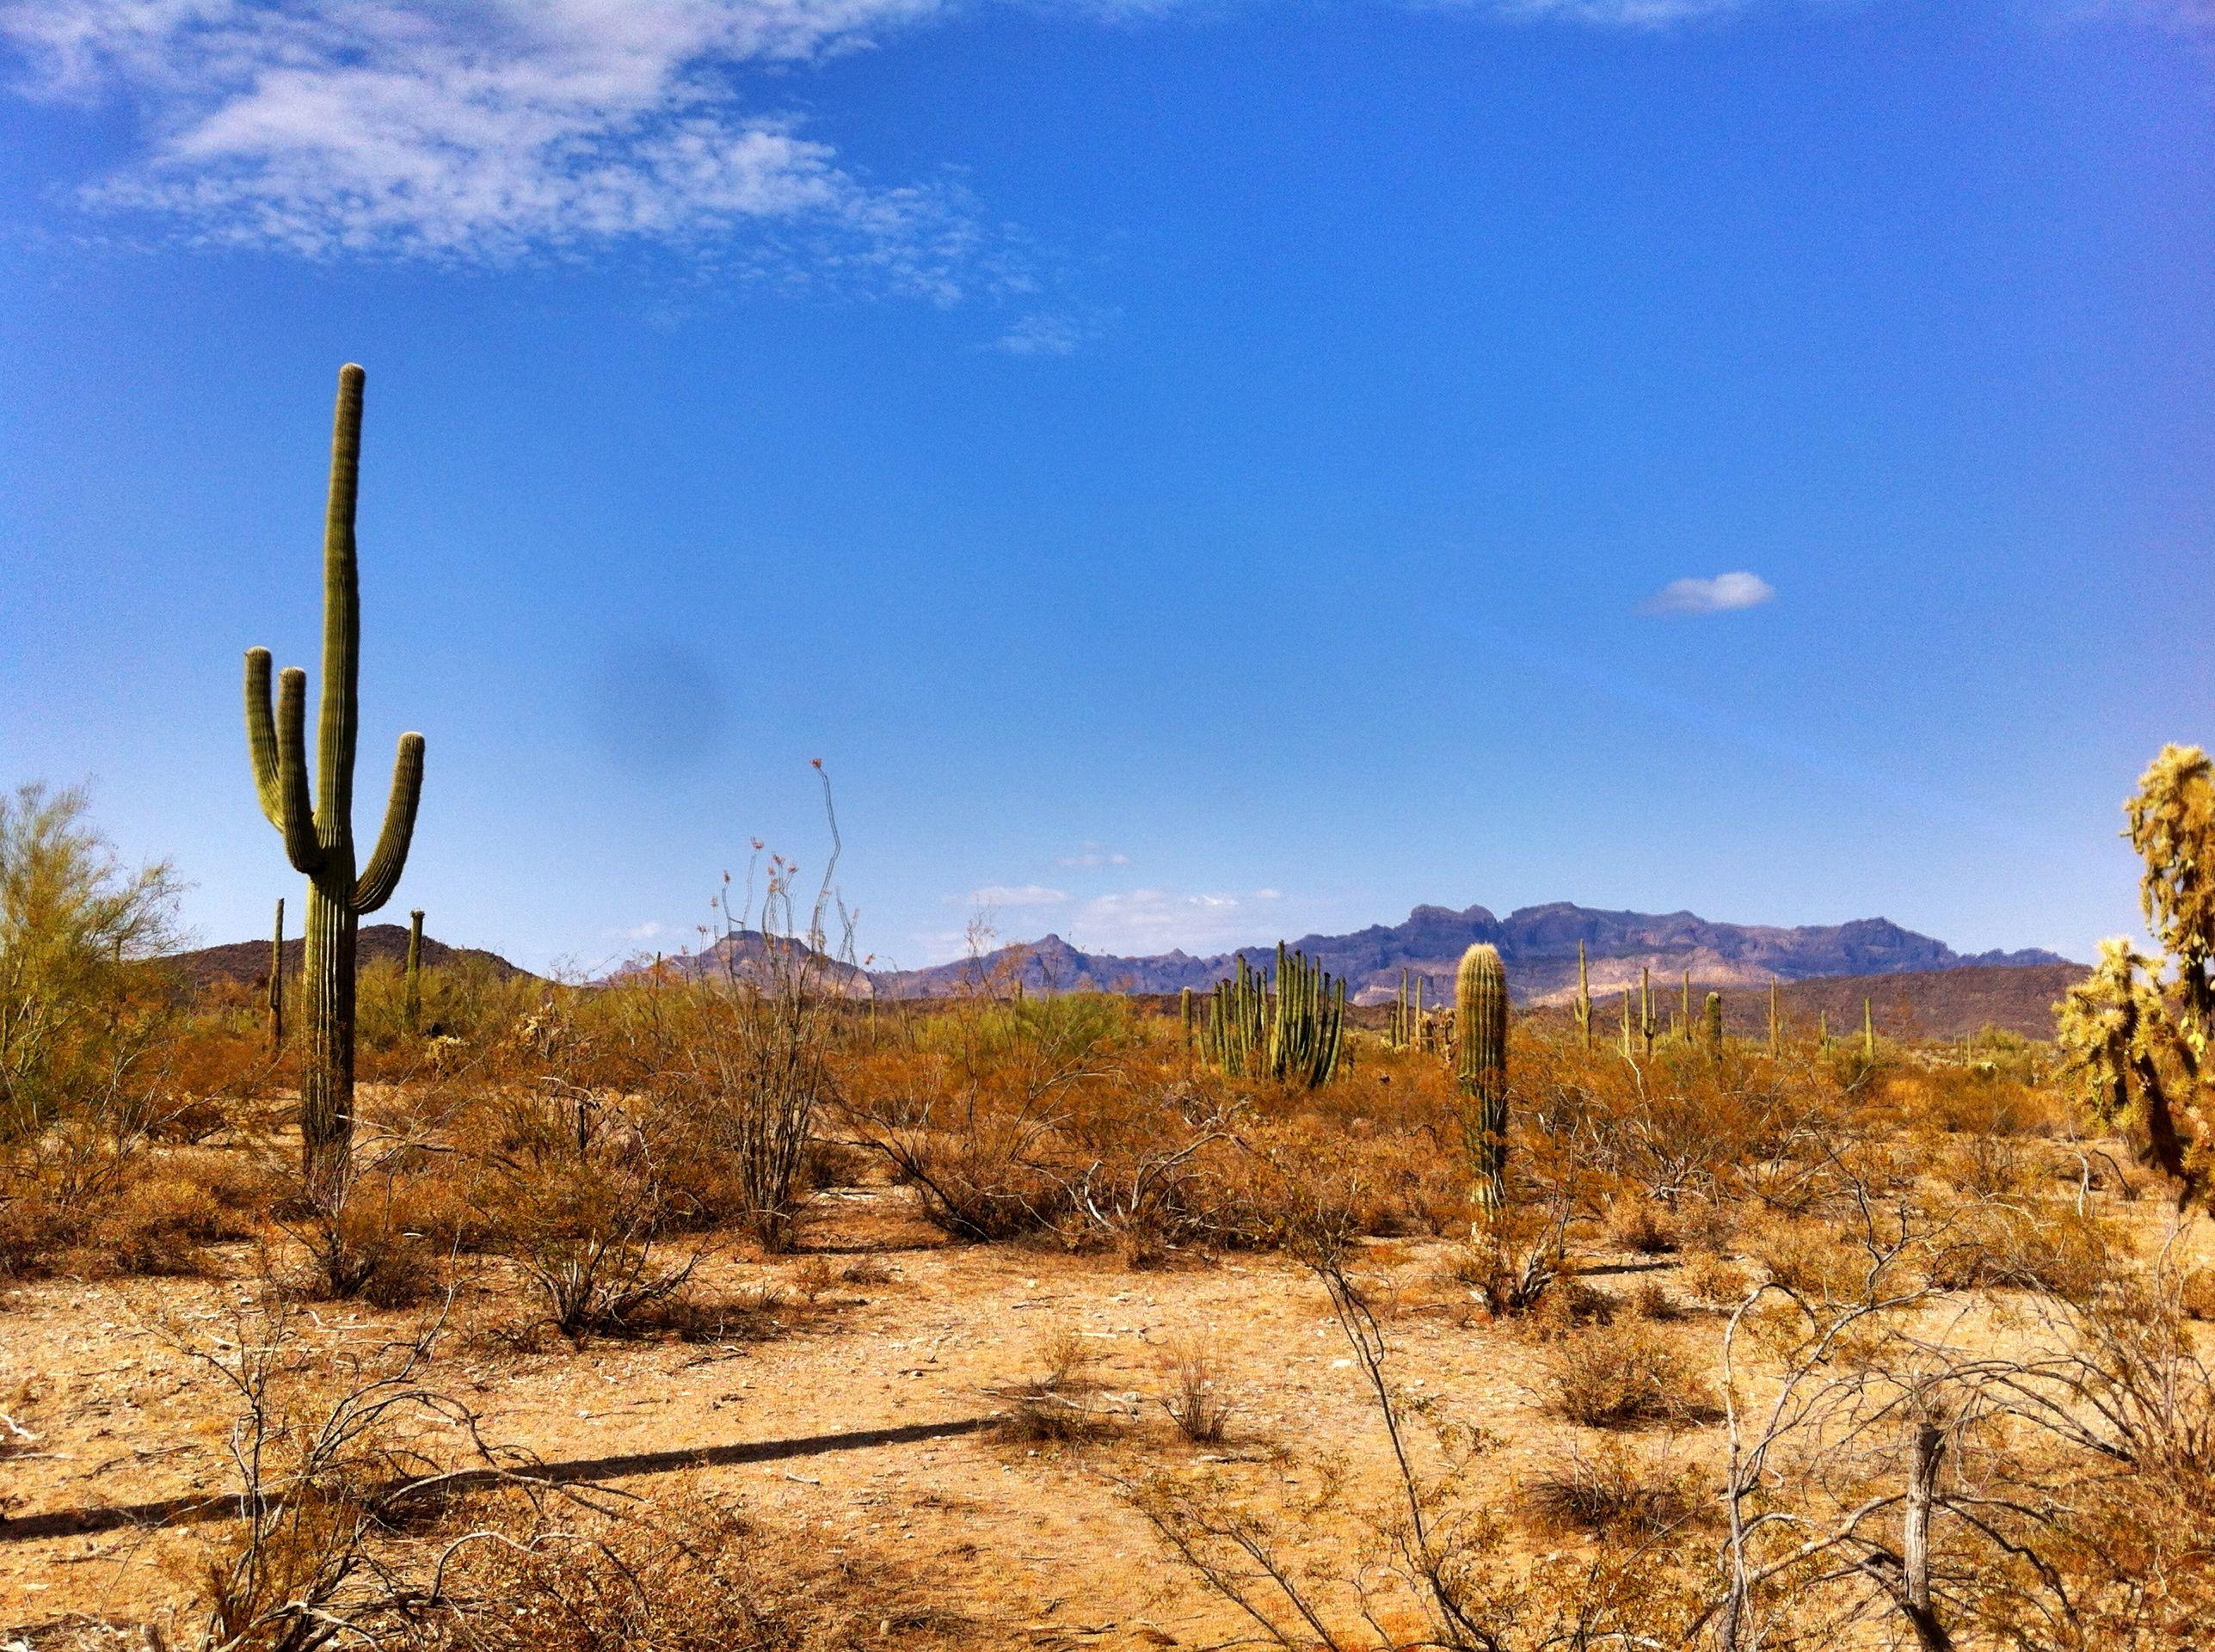 Desert Cactus Organ Pipe Cactus National Monument